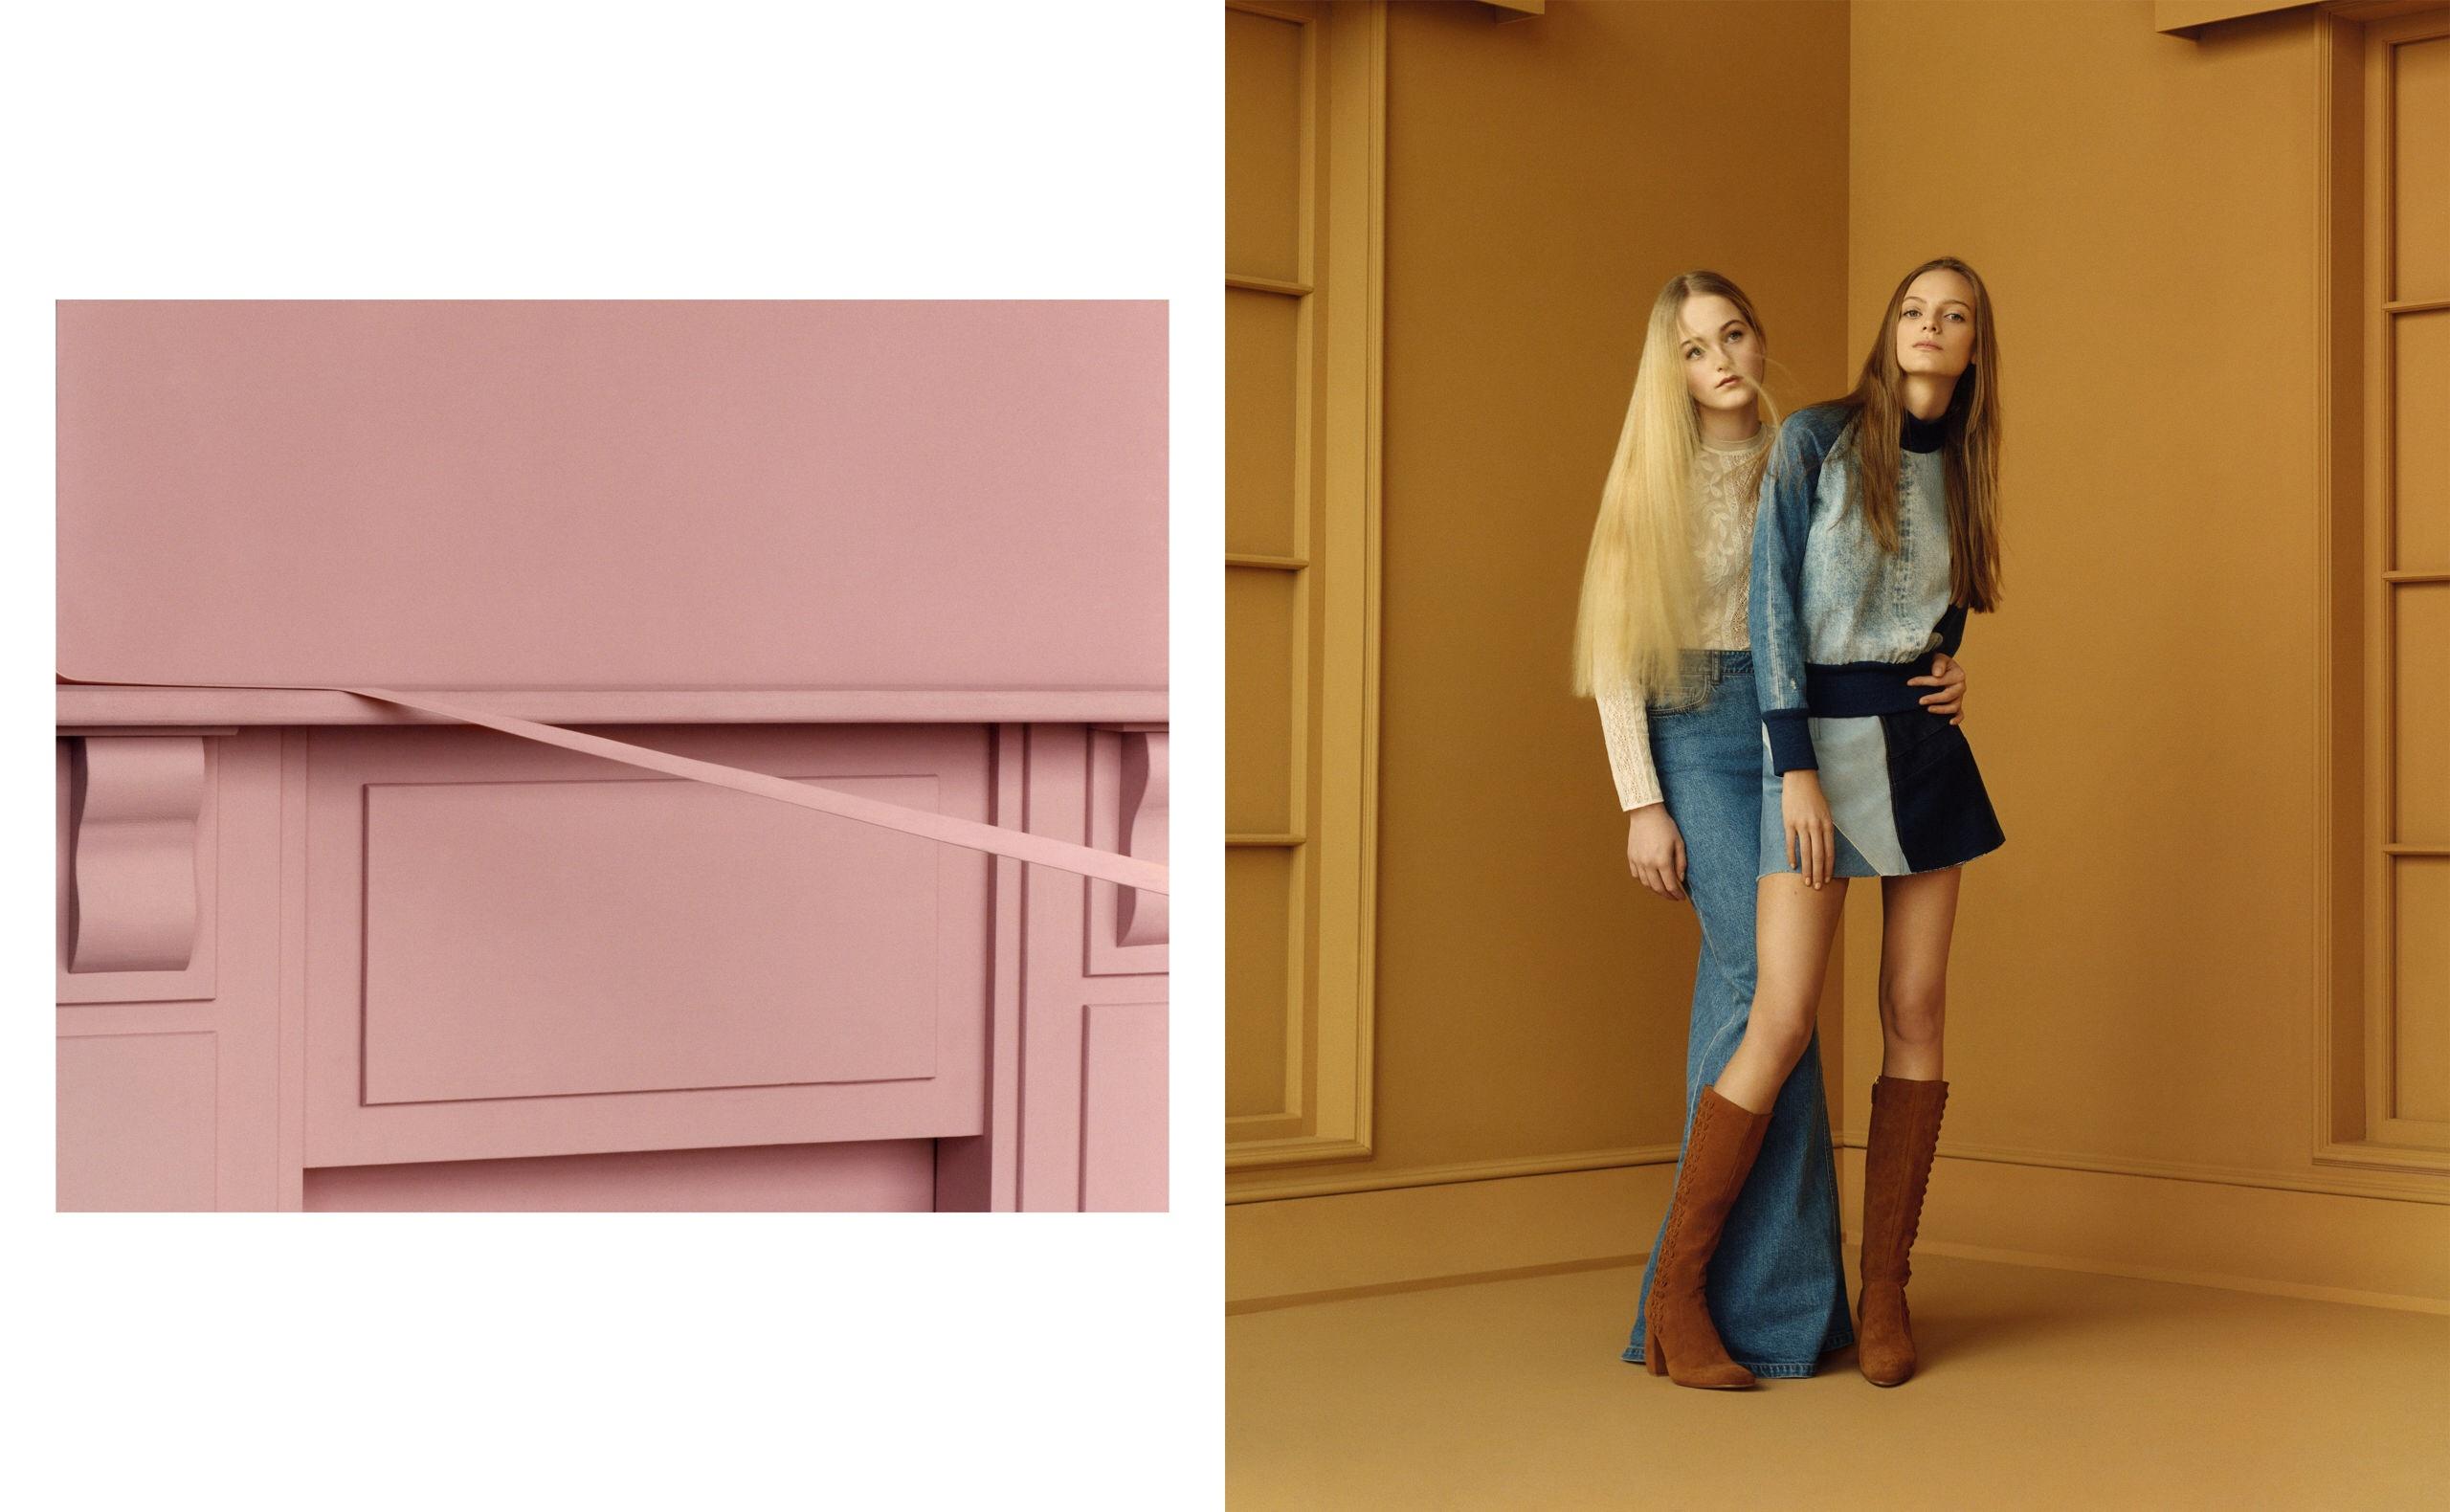 Zara - Campanha primavera-verão 2015 imagem: divulgação / site Zara